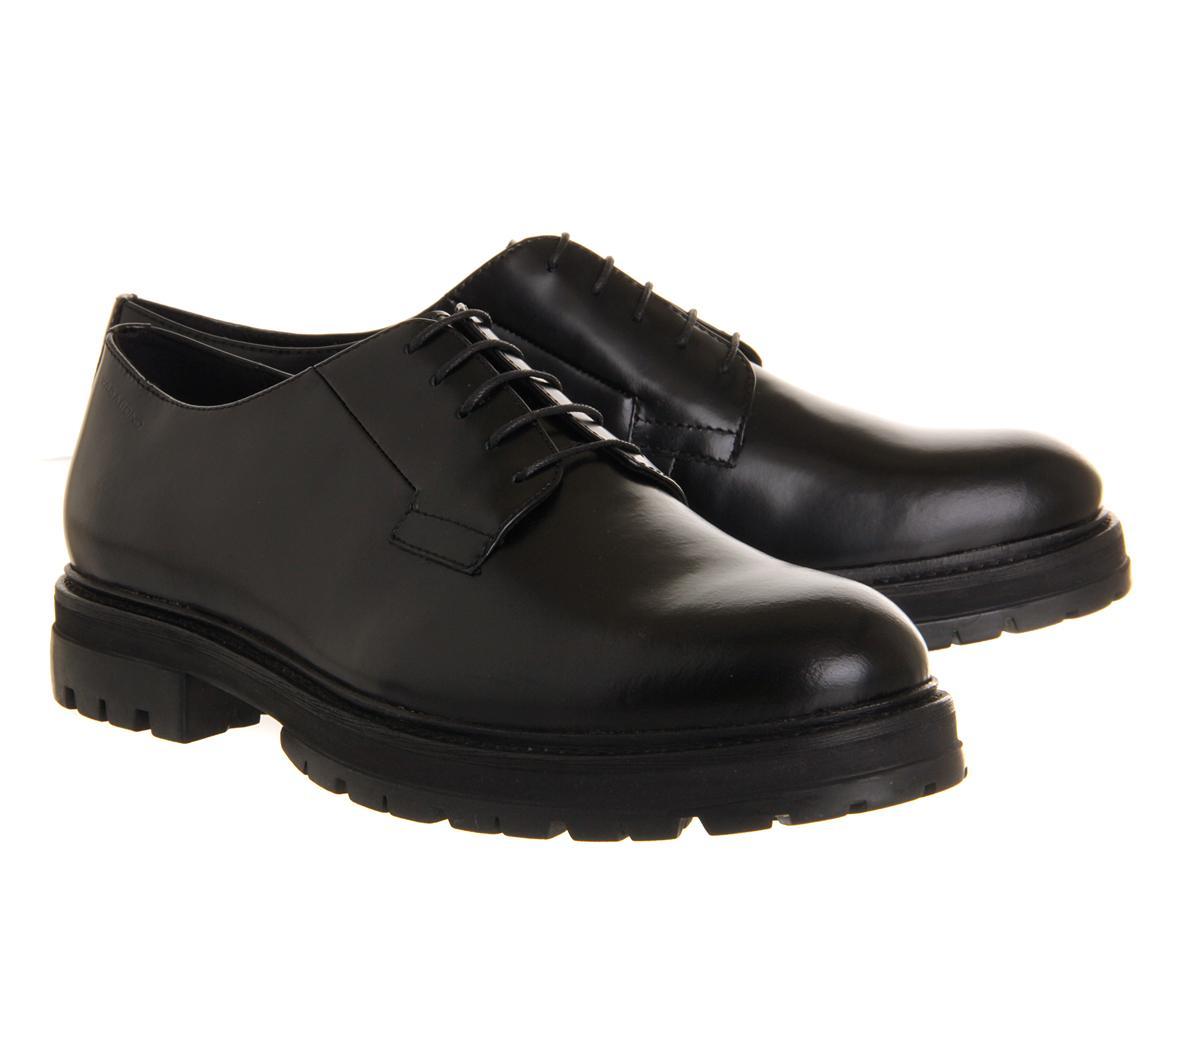 Derby Heavy Sole Shoe Mens Black